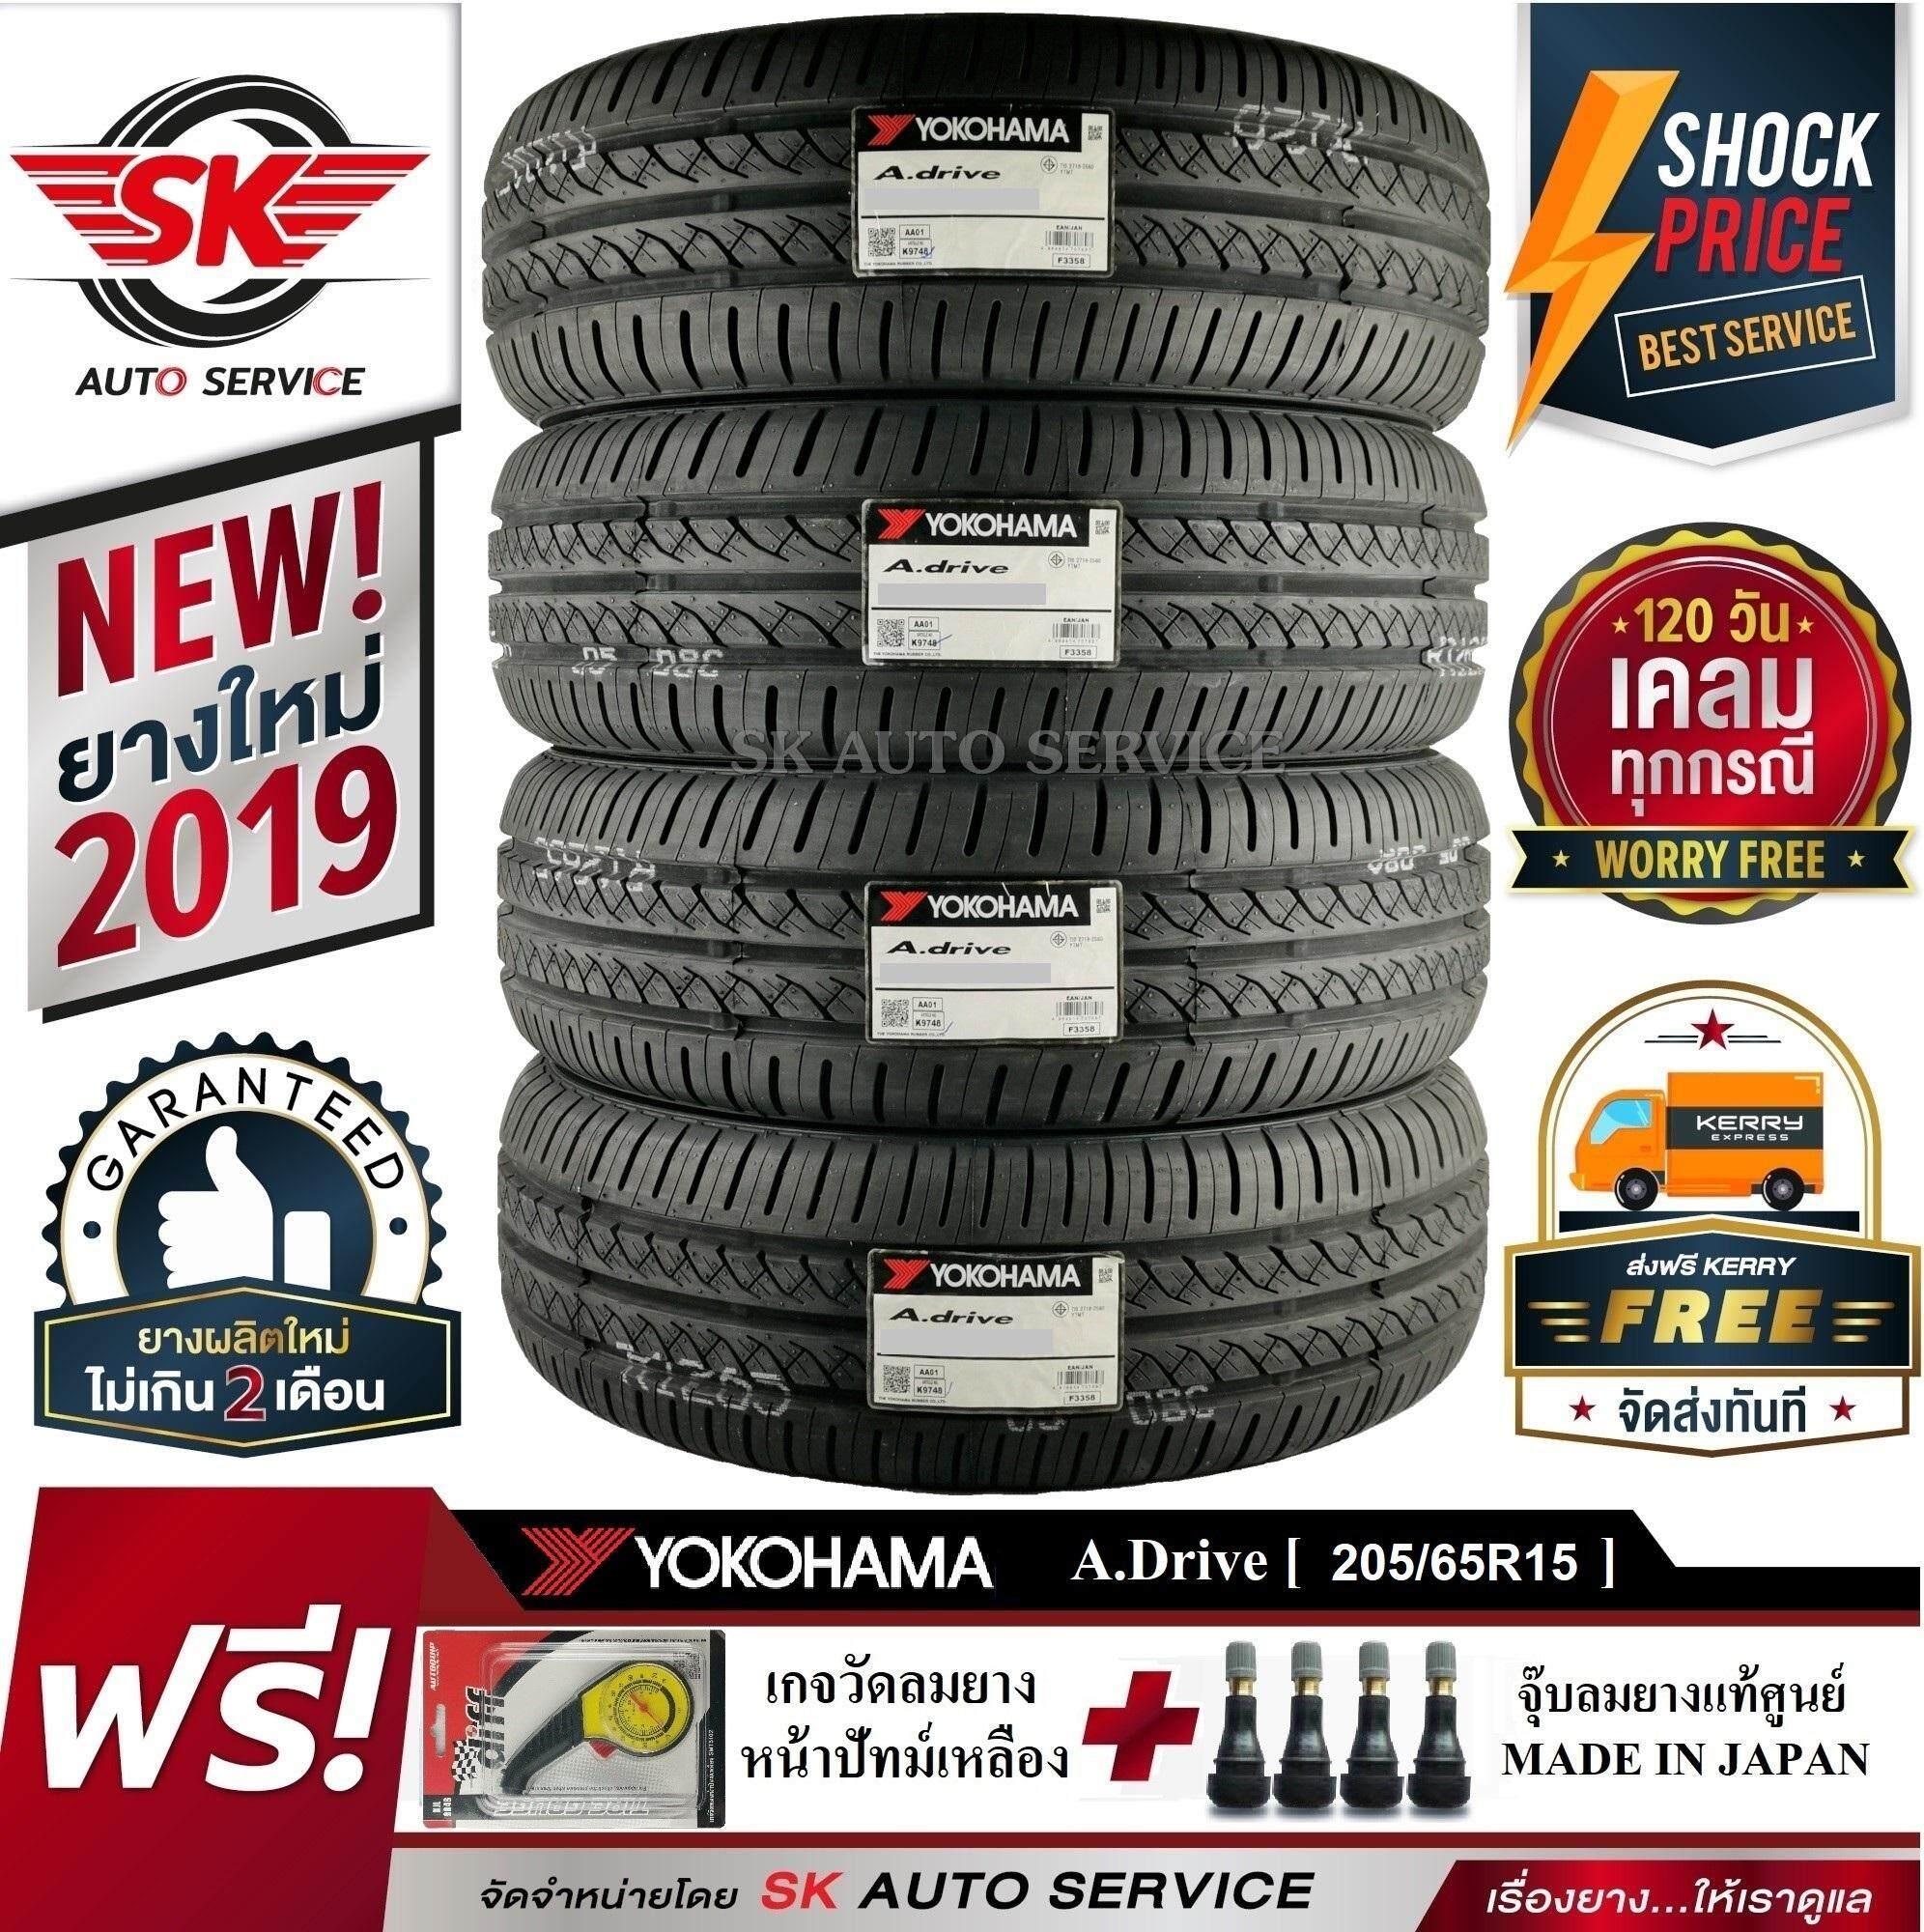 ประกันภัย รถยนต์ 2+ ระยอง YOKOHAMA ยางรถยนต์ 205/65R15 (ล้อขอบ15) รุ่น A.drive AA01 4 เส้น(ยางใหม่กริ๊ปปี 2019)